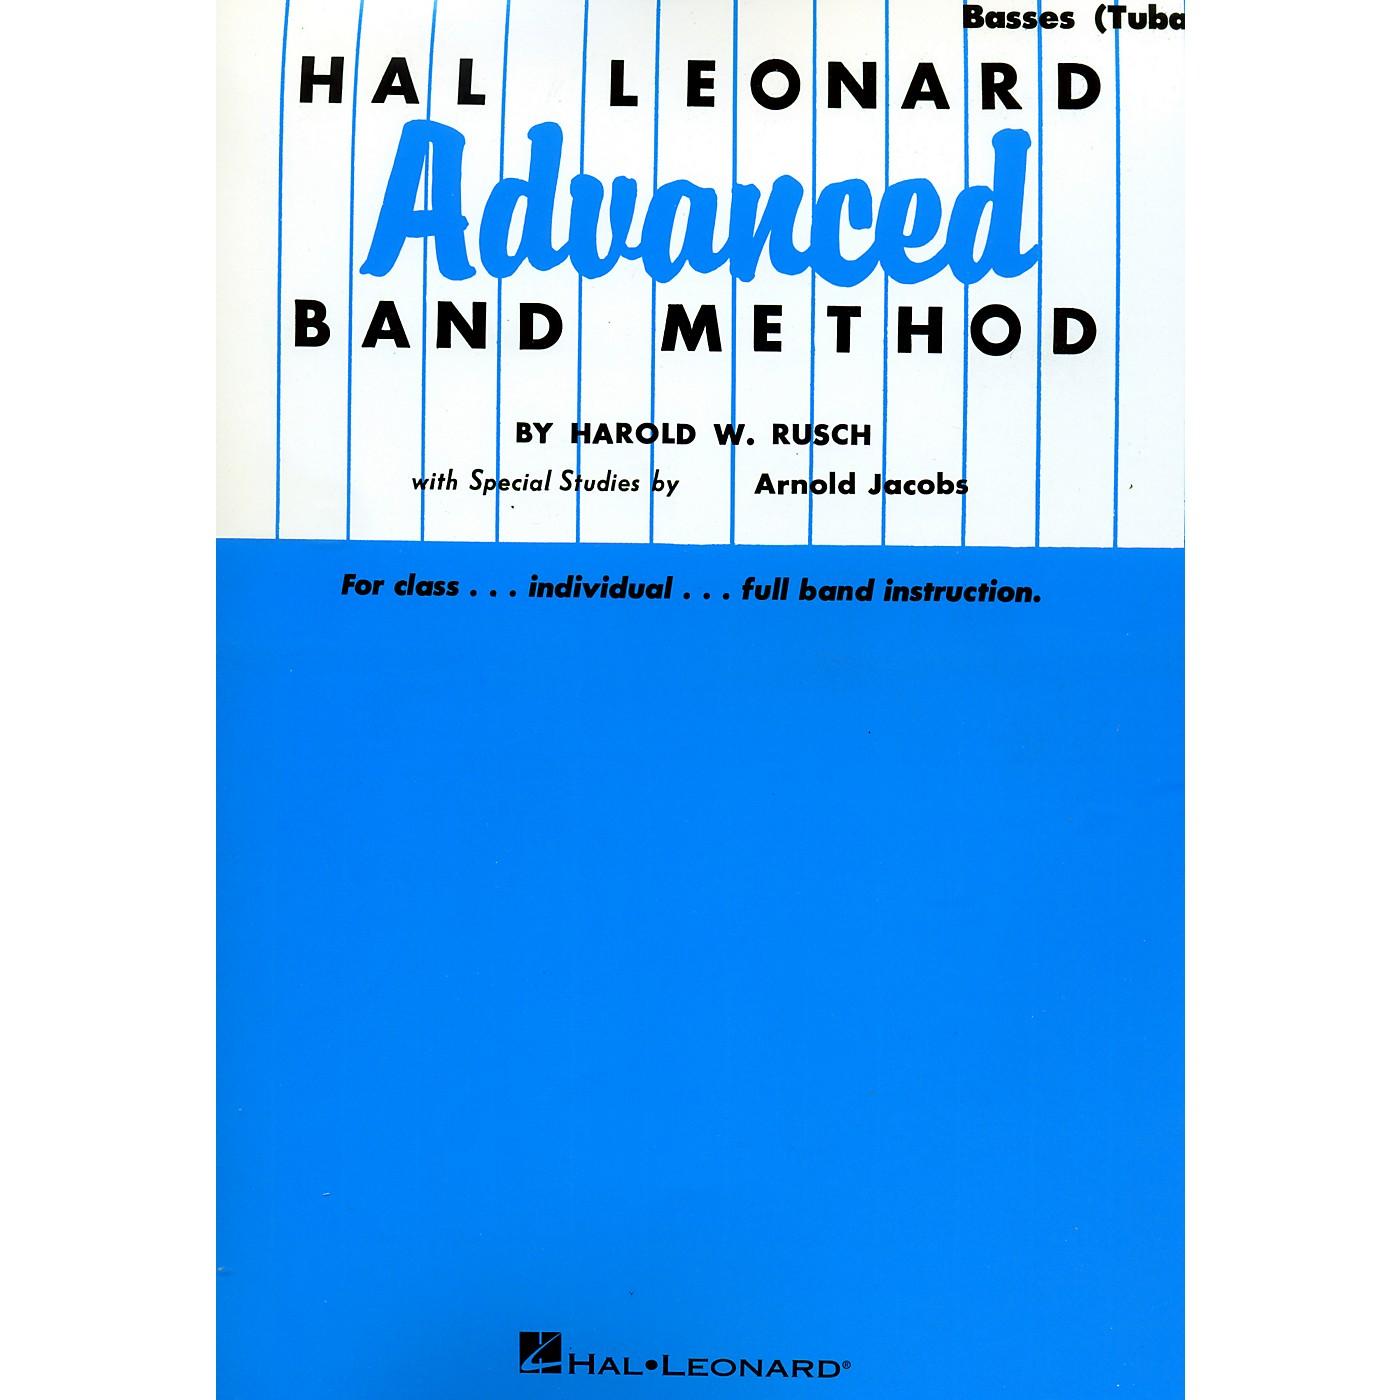 Hal Leonard Advanced Band Method - Basses (Tuba) thumbnail